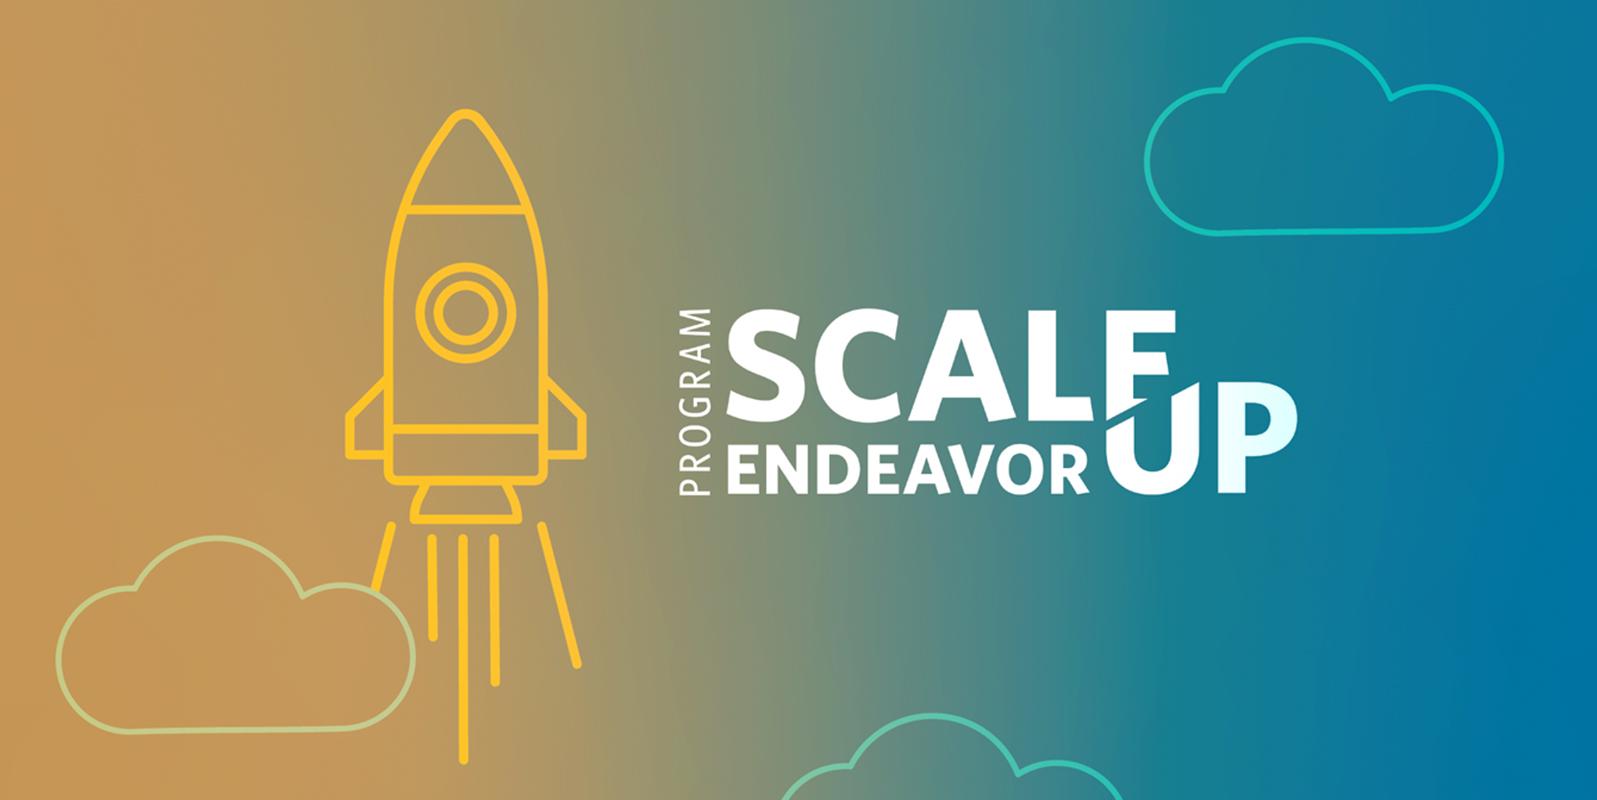 01Lab, el emprendimiento de alto impacto es parte de ScaleUp de Endeavor